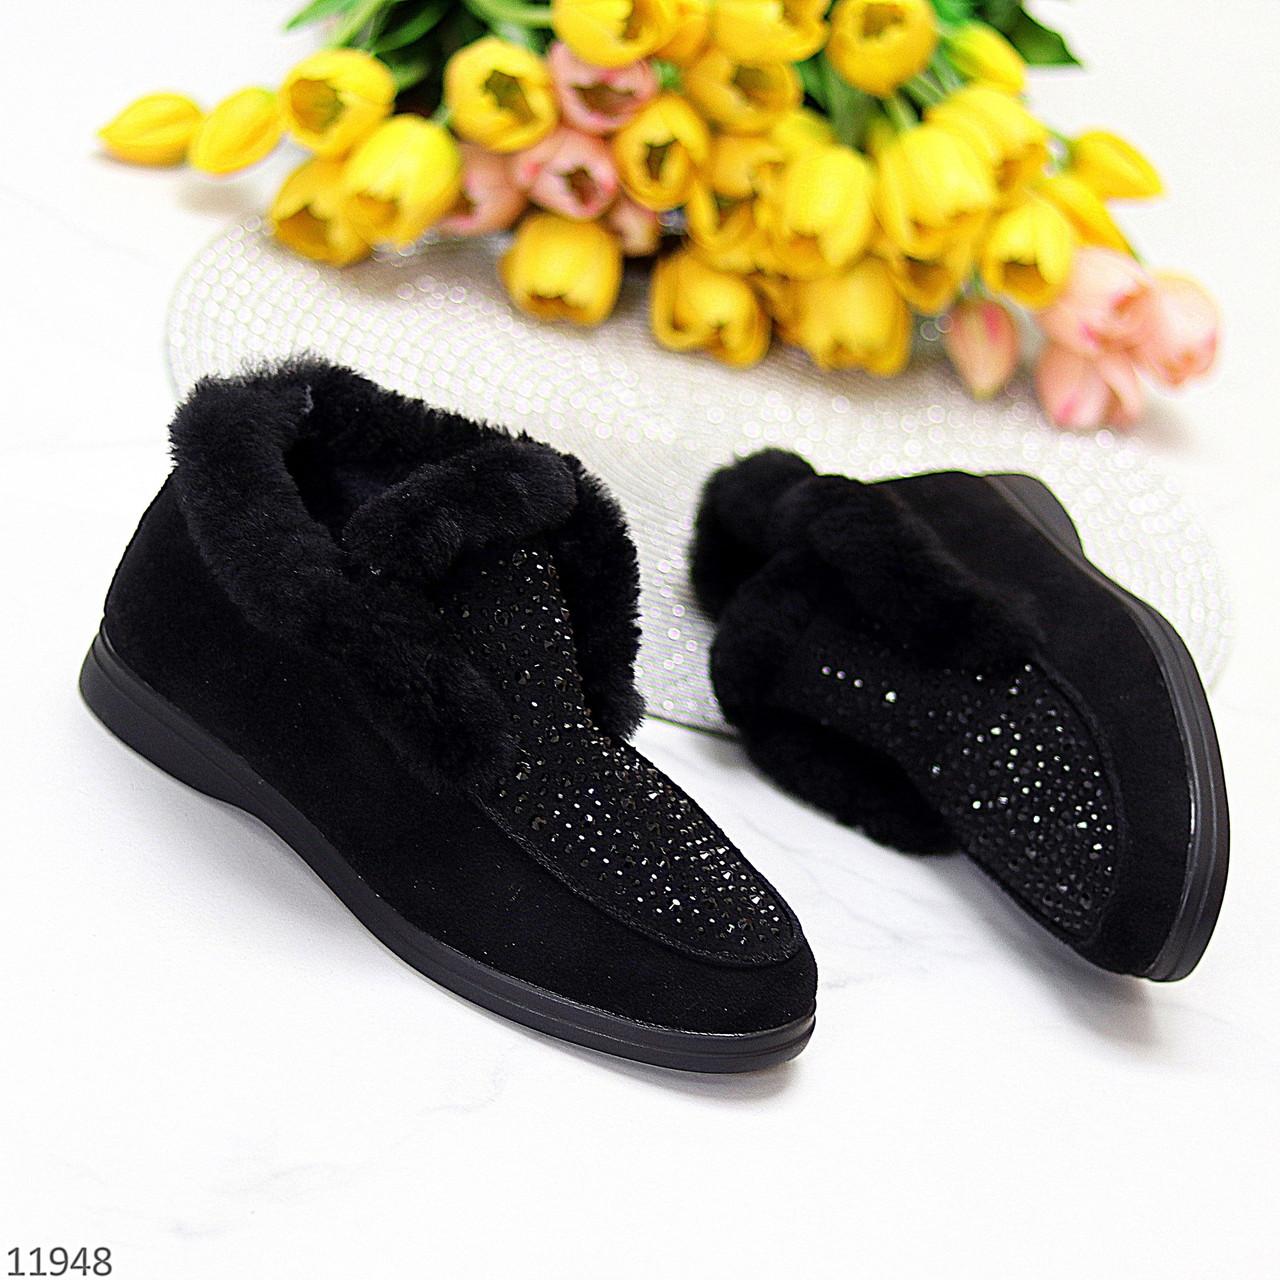 Теплые удобные черные женские зимние мокасины угги автоледи декор стразы 36-23,5см